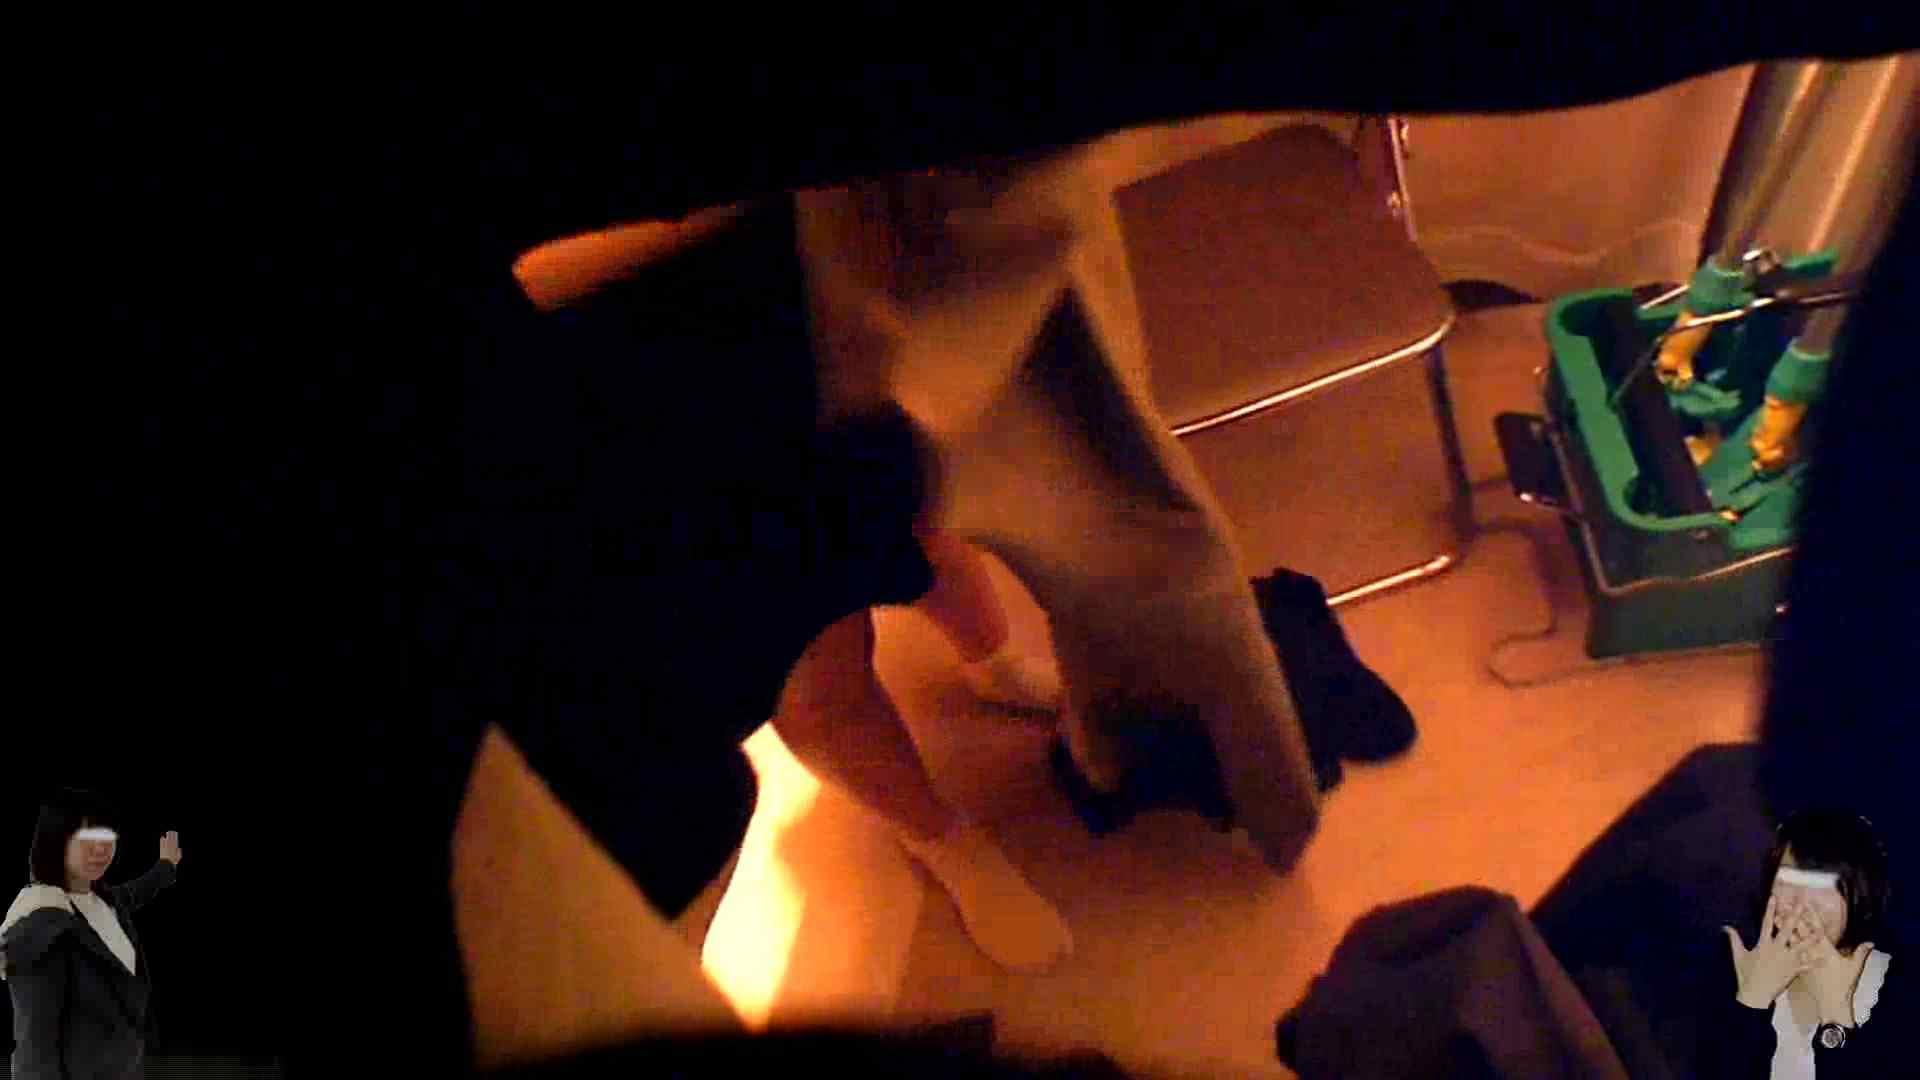 素人投稿 現役「JD」Eちゃんの着替え Vol.04 素人エロ投稿 盗撮動画紹介 60画像 51